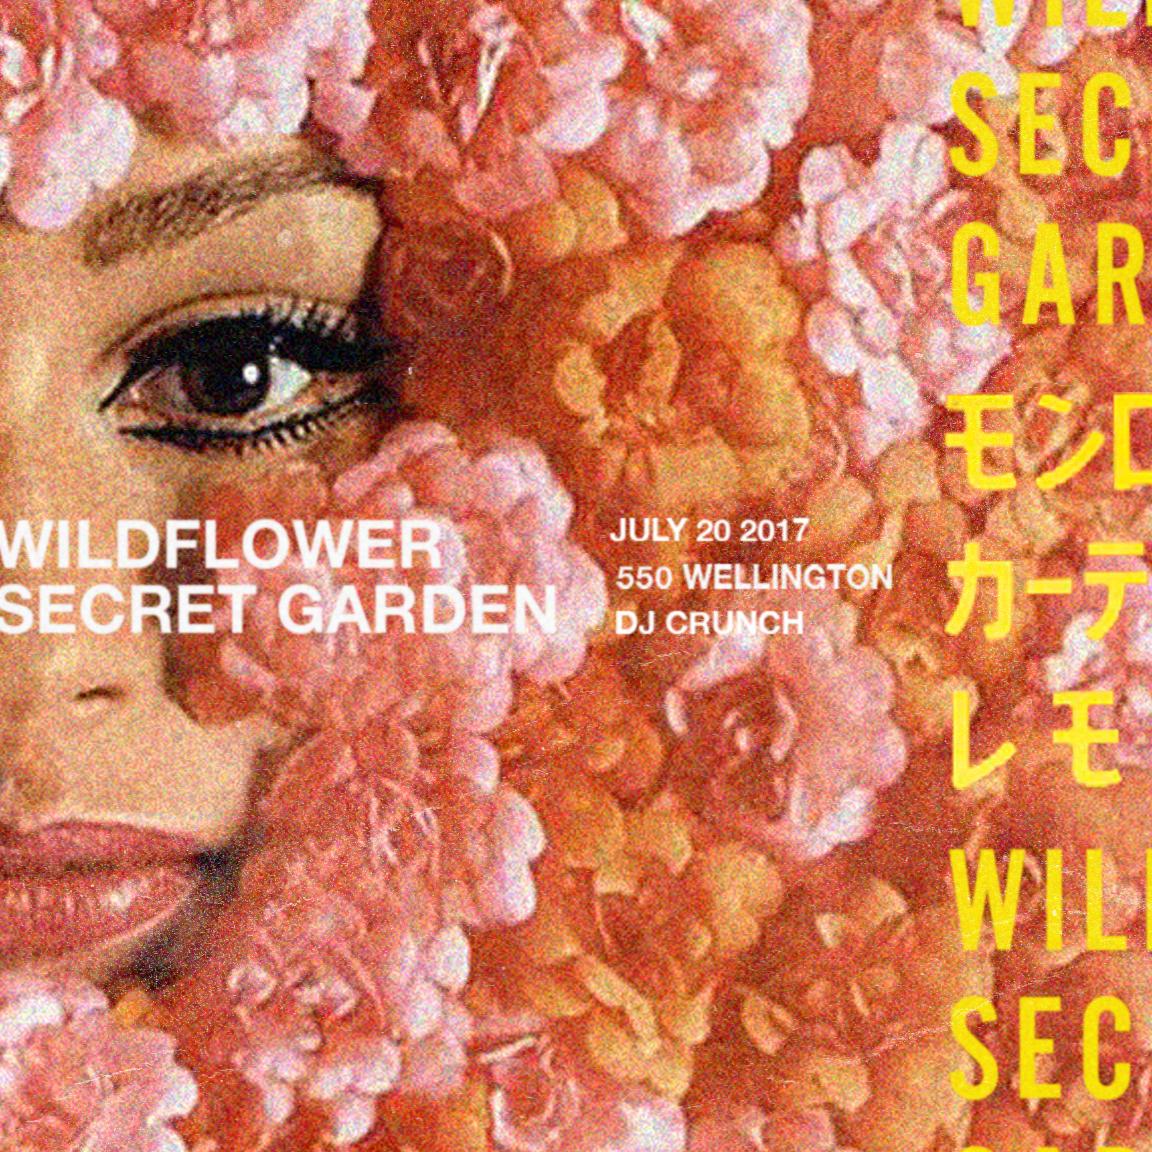 WILDTHURSDAY-secretgarden5.png